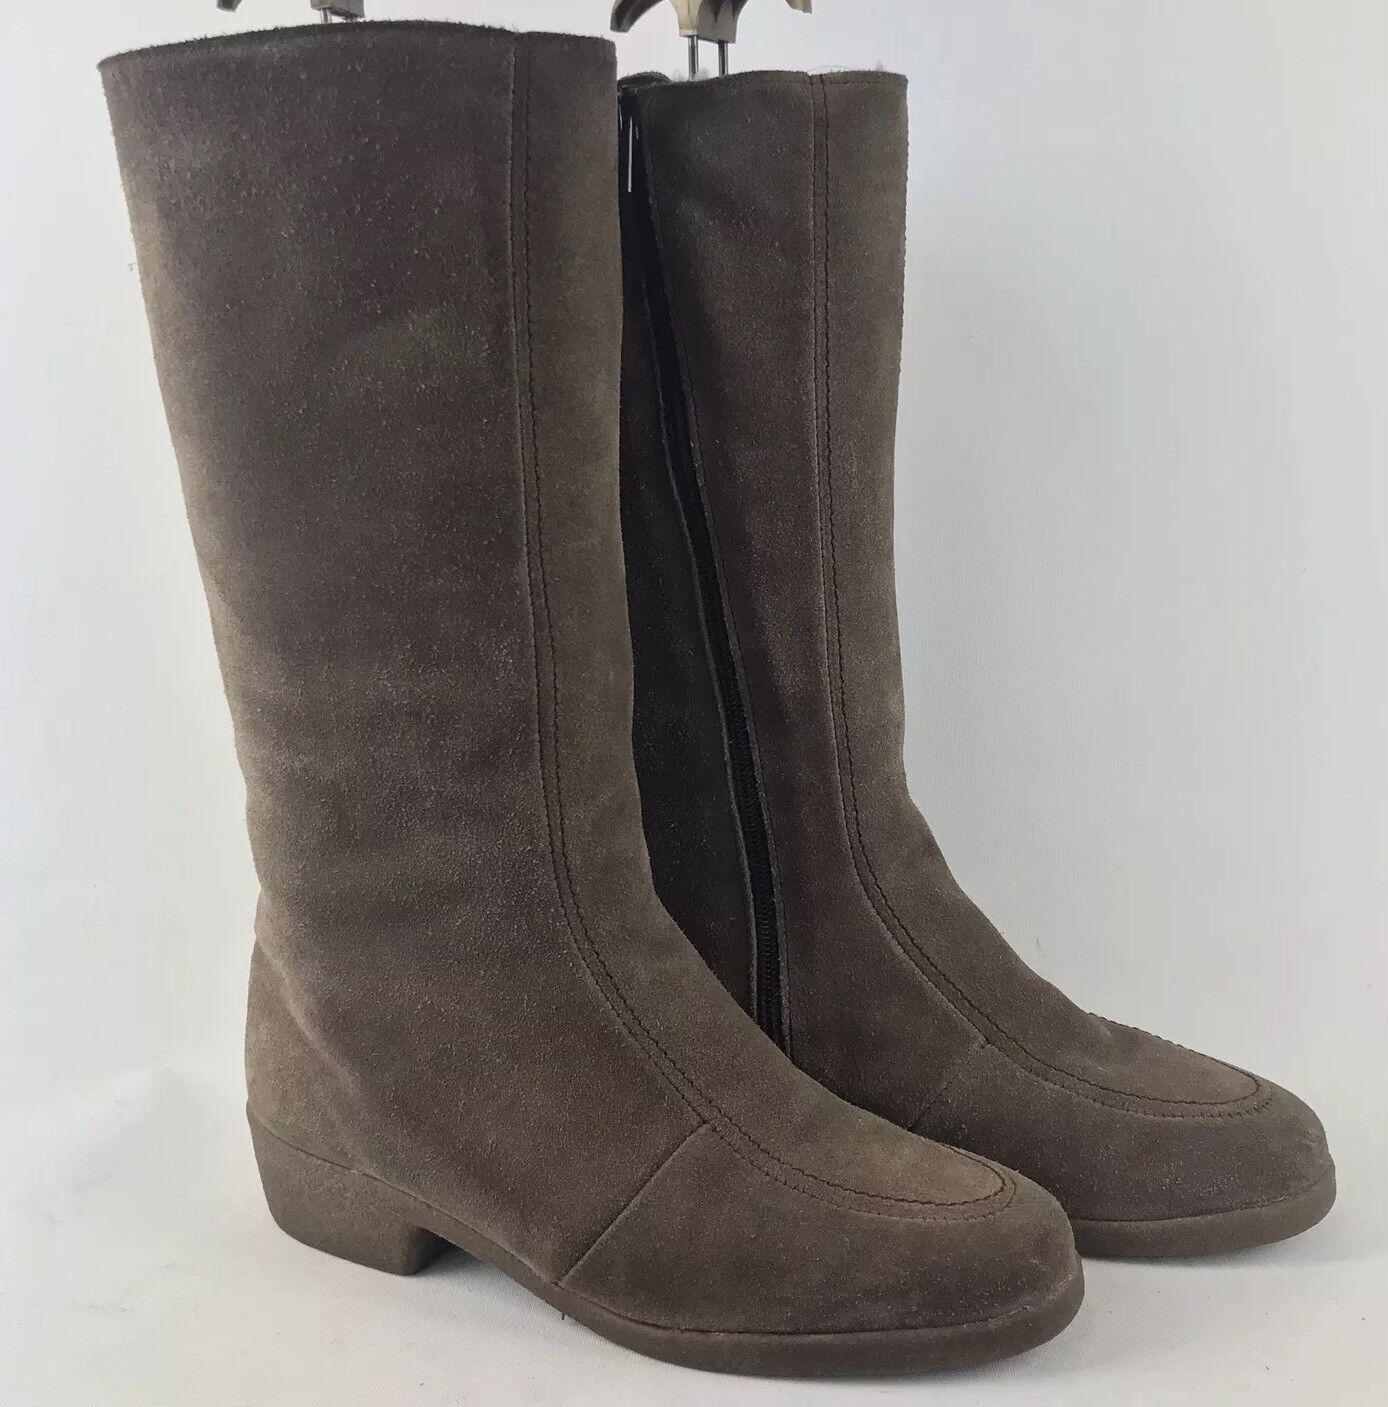 MOORLANDS Größe Größe Größe UK 6D Sheepskin Calf High Stiefel 87327f